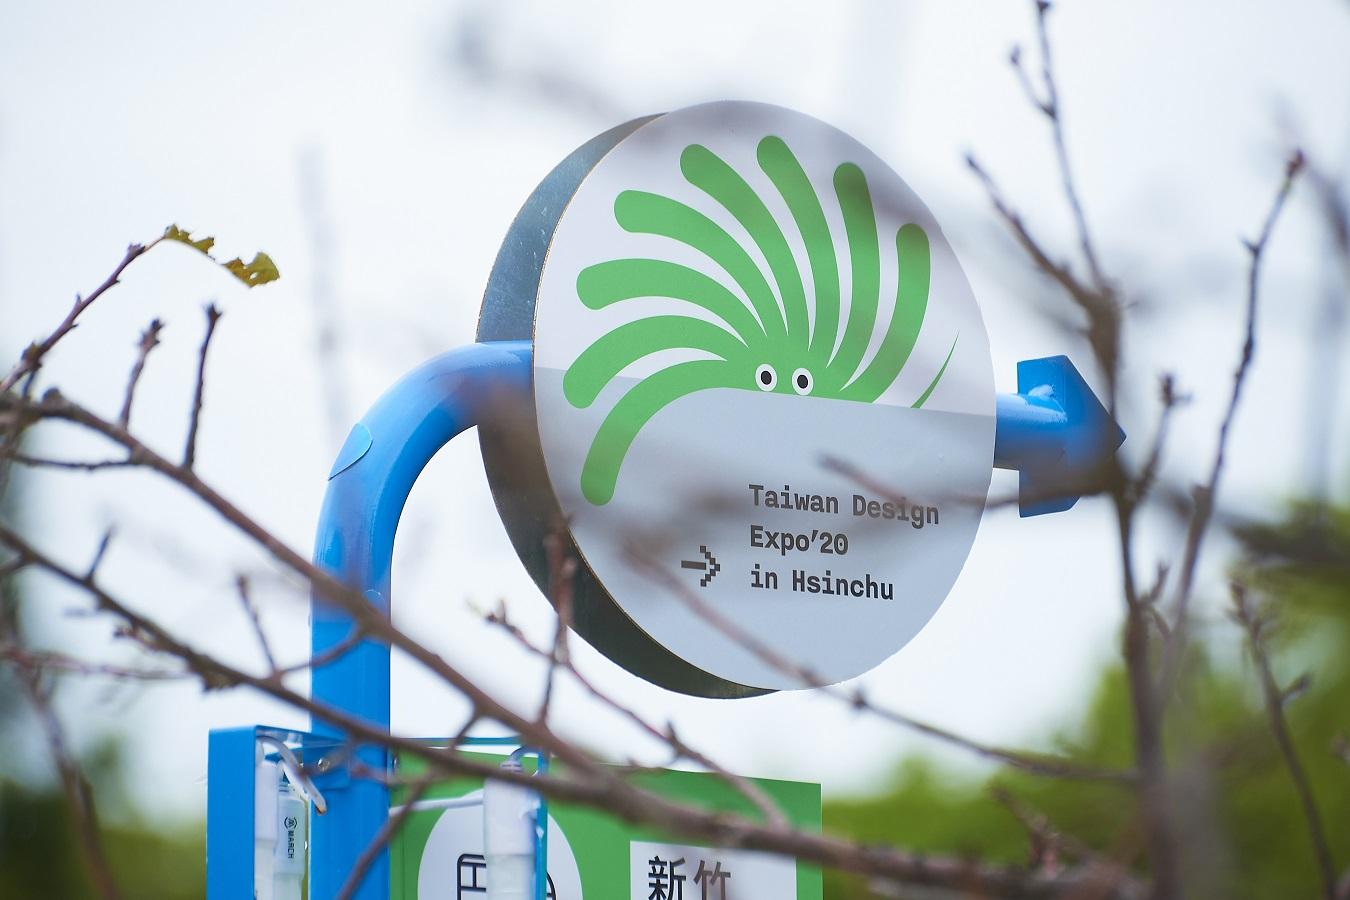 徵求各縣市政府共同主辦「 2022 台灣設計展」徵選辦法